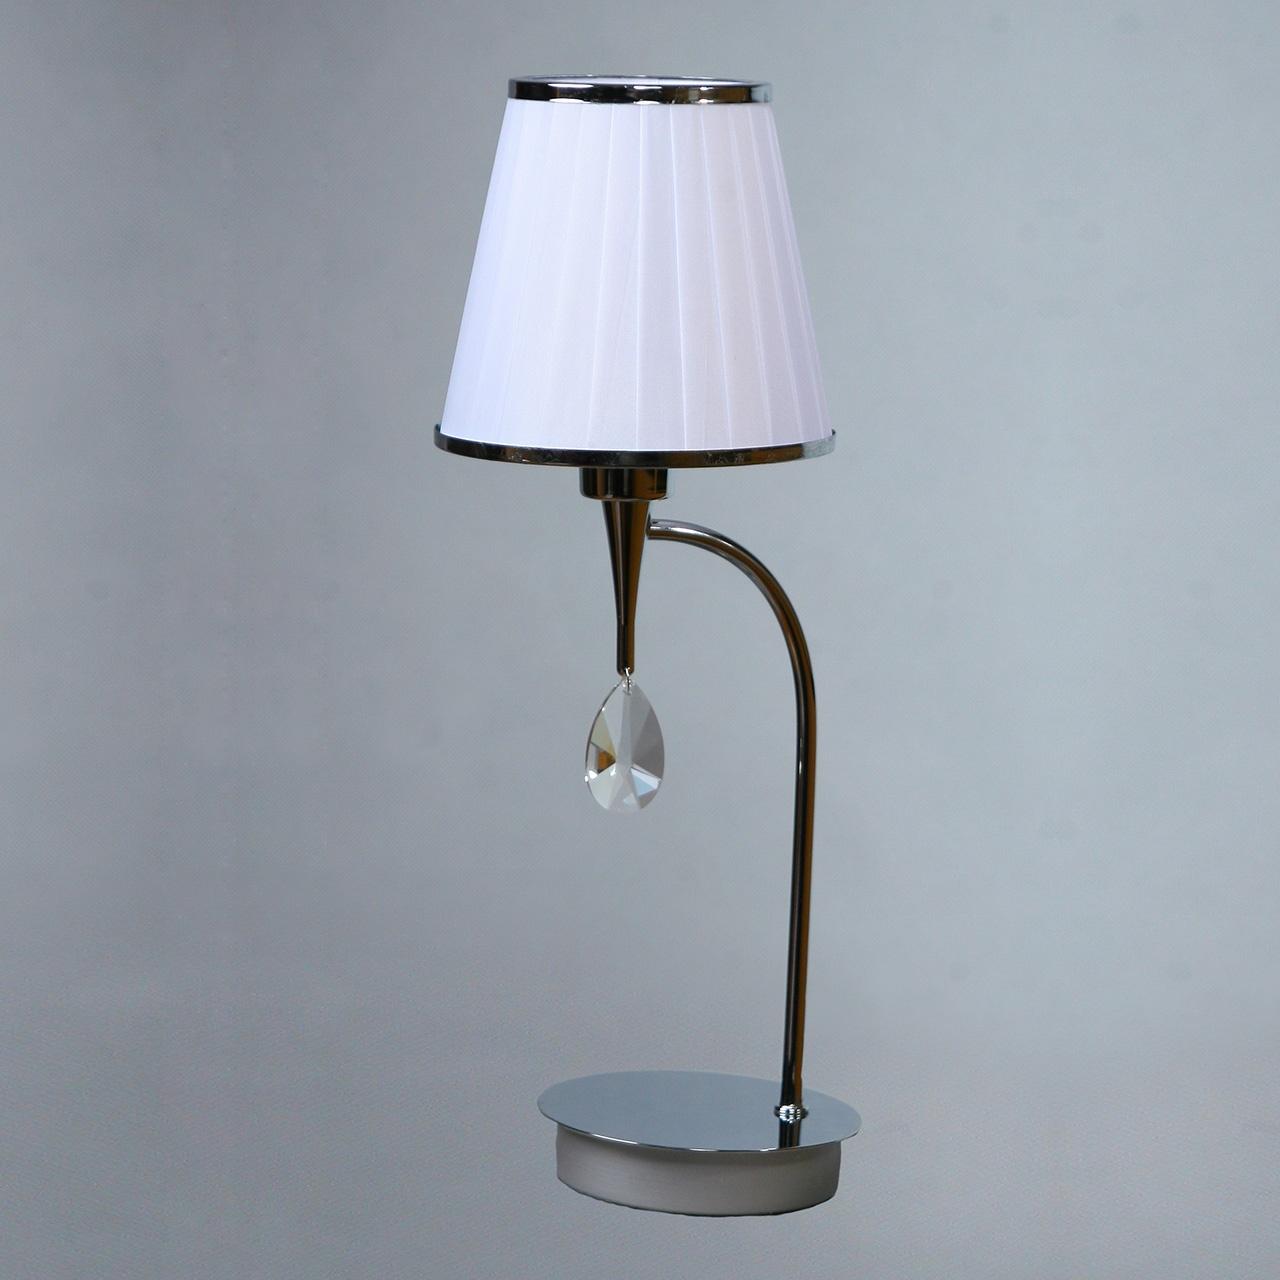 Настольные лампы — интернет магазин SvetMart